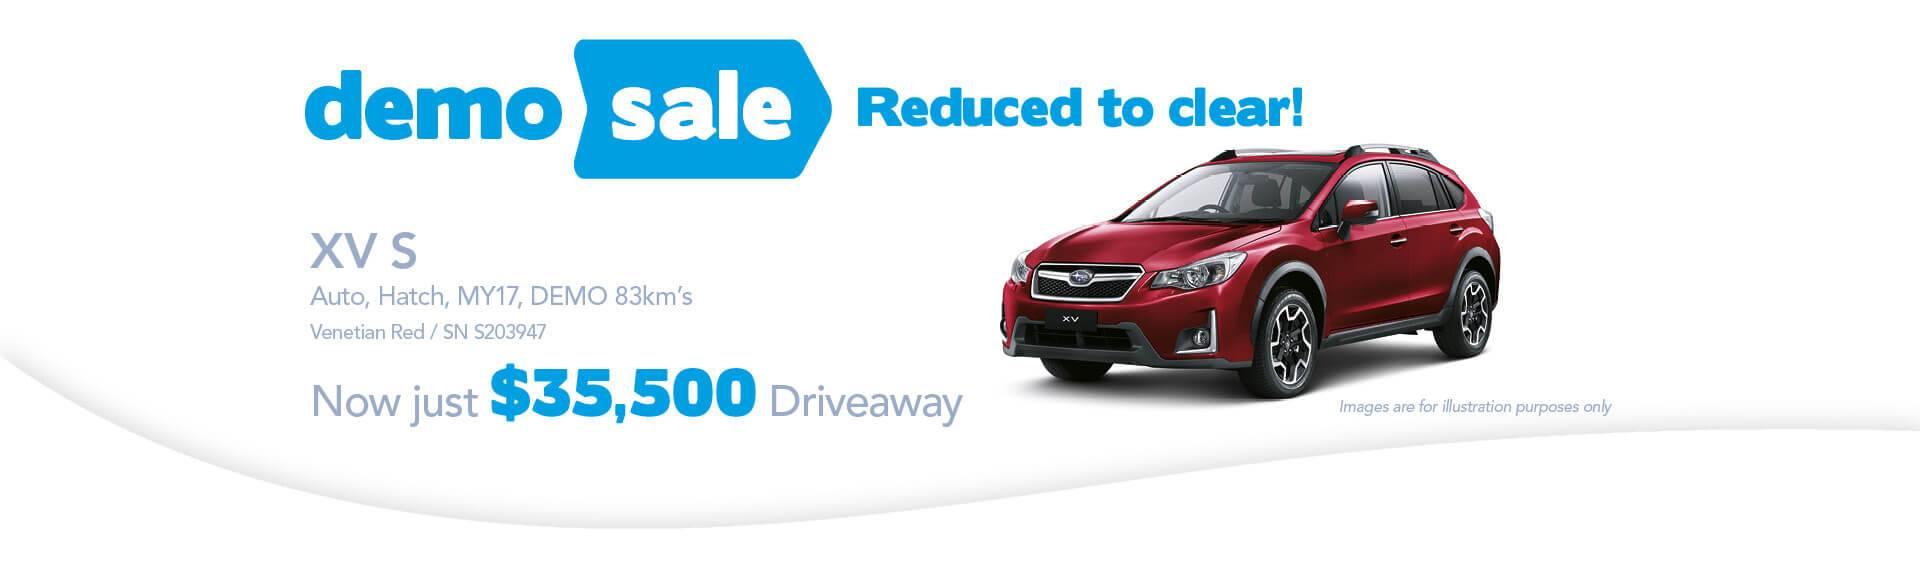 Newcastle City Subaru - XV-S Demo Sale